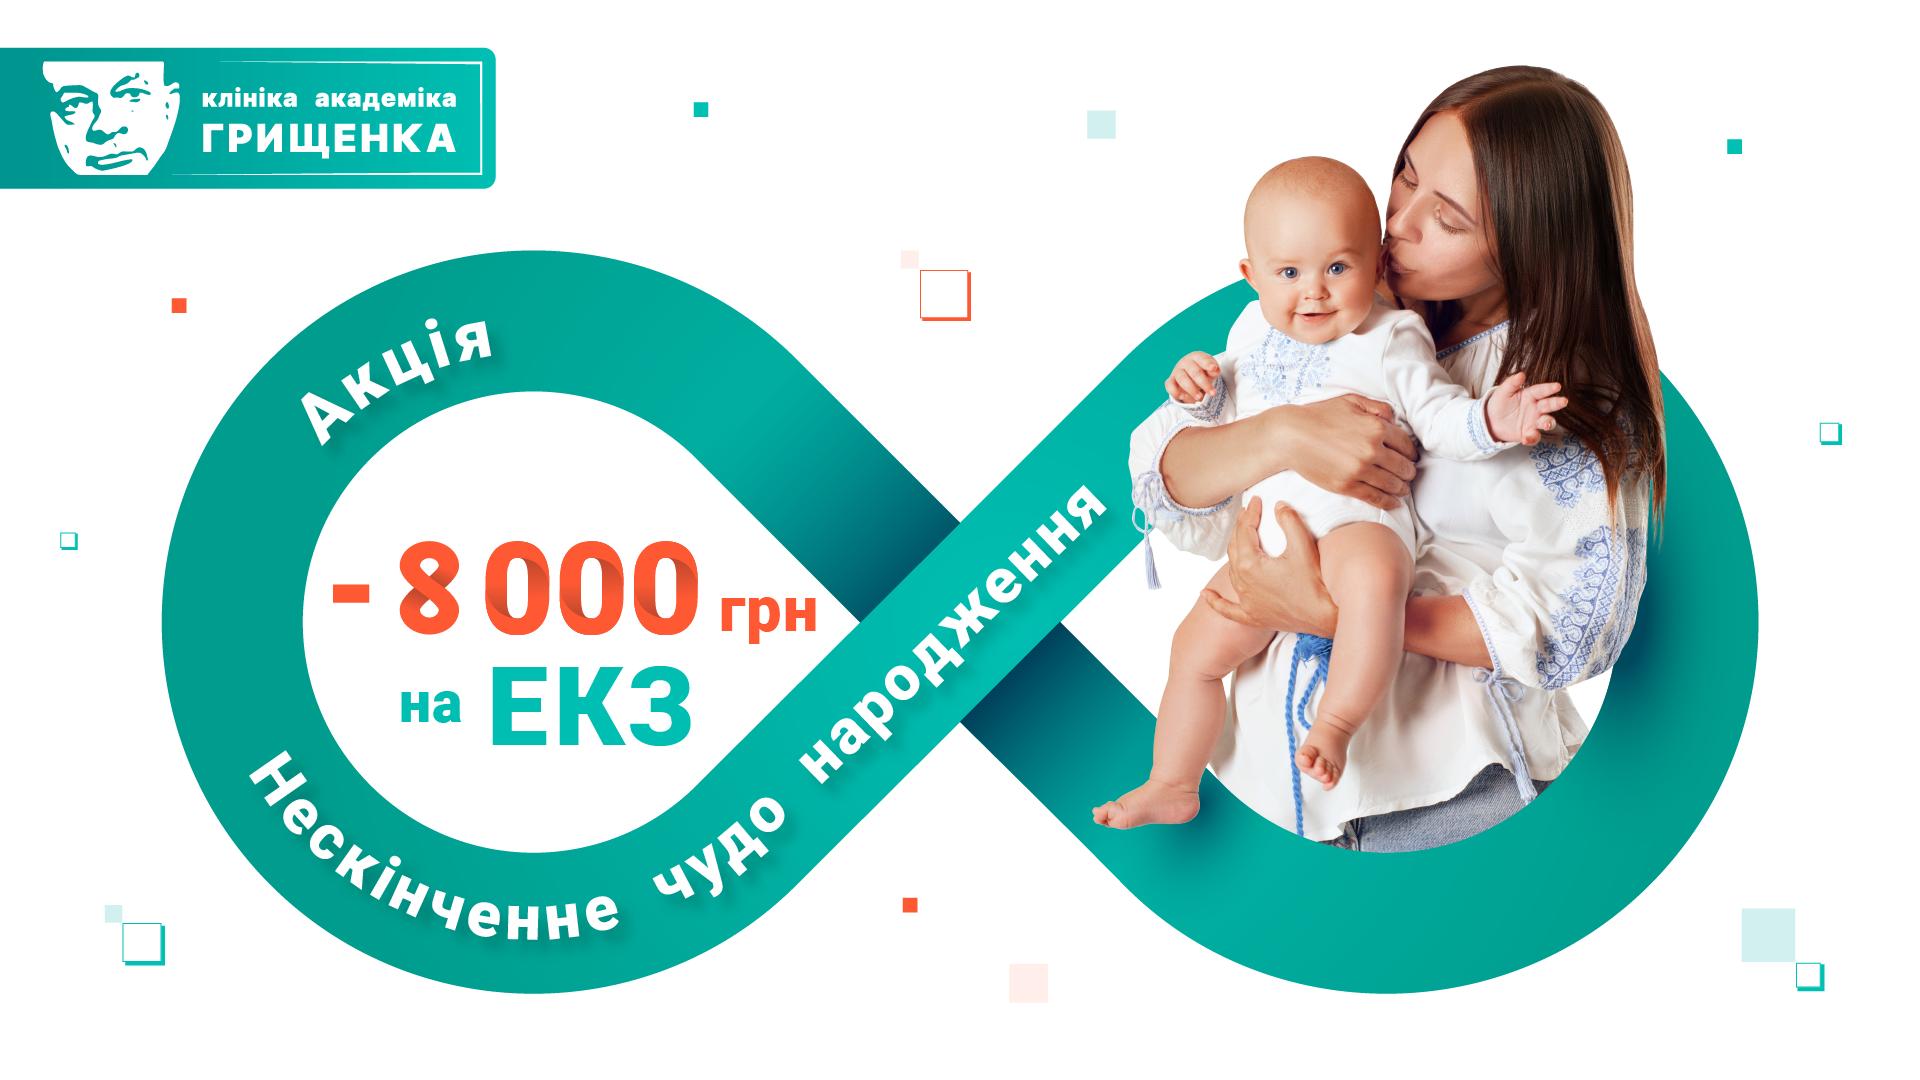 акція ЕКЗ Клініка акдеміка Грищенка